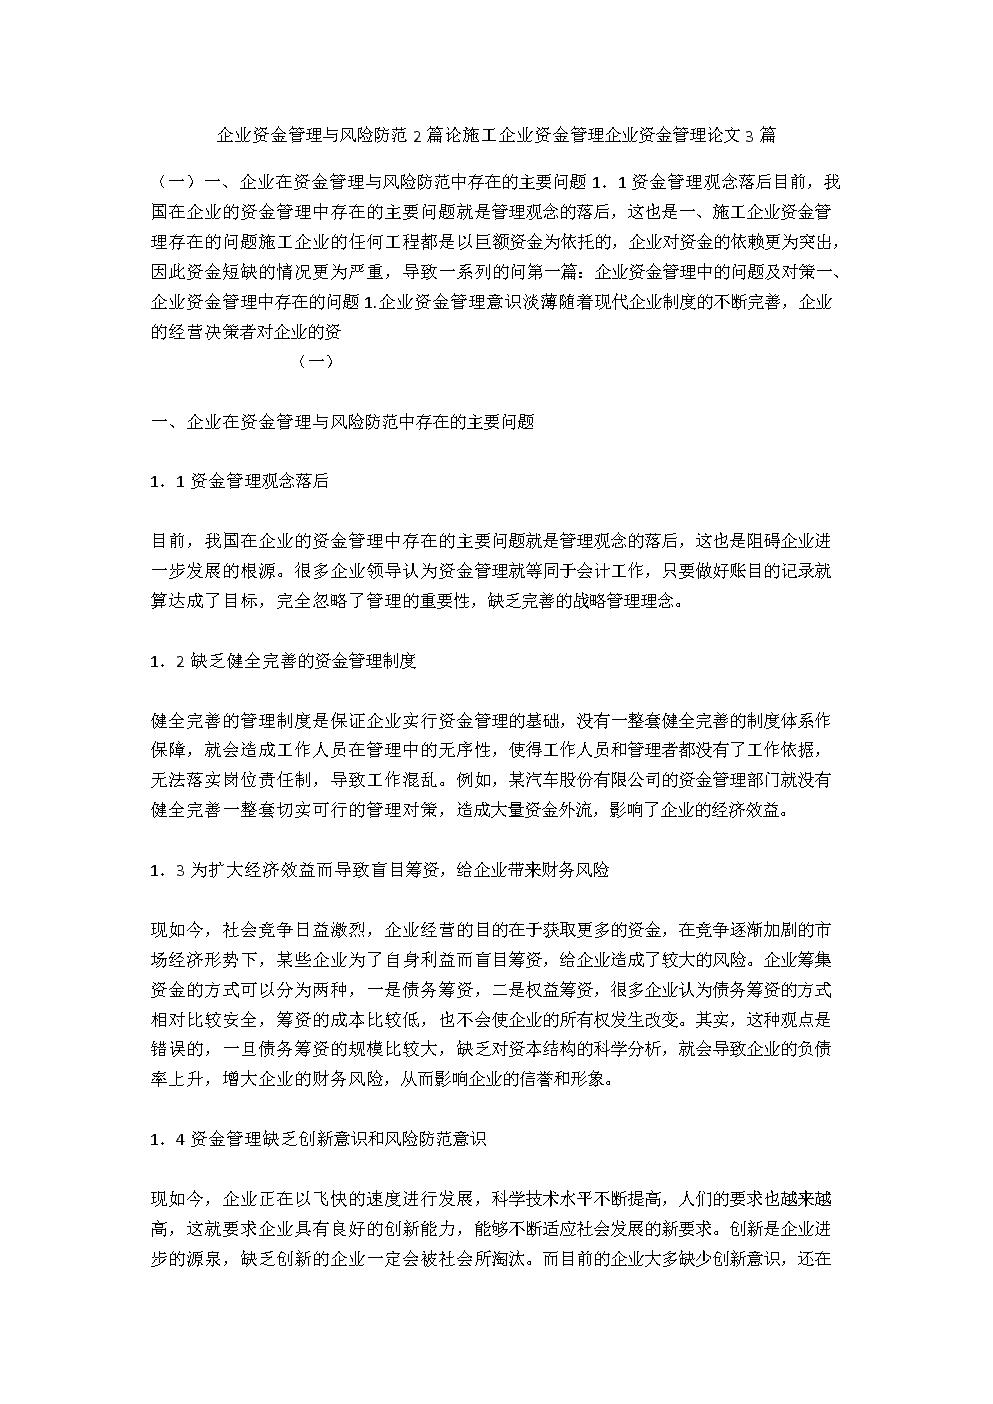 资金管理论文企业与风险防范论施工企业.docx